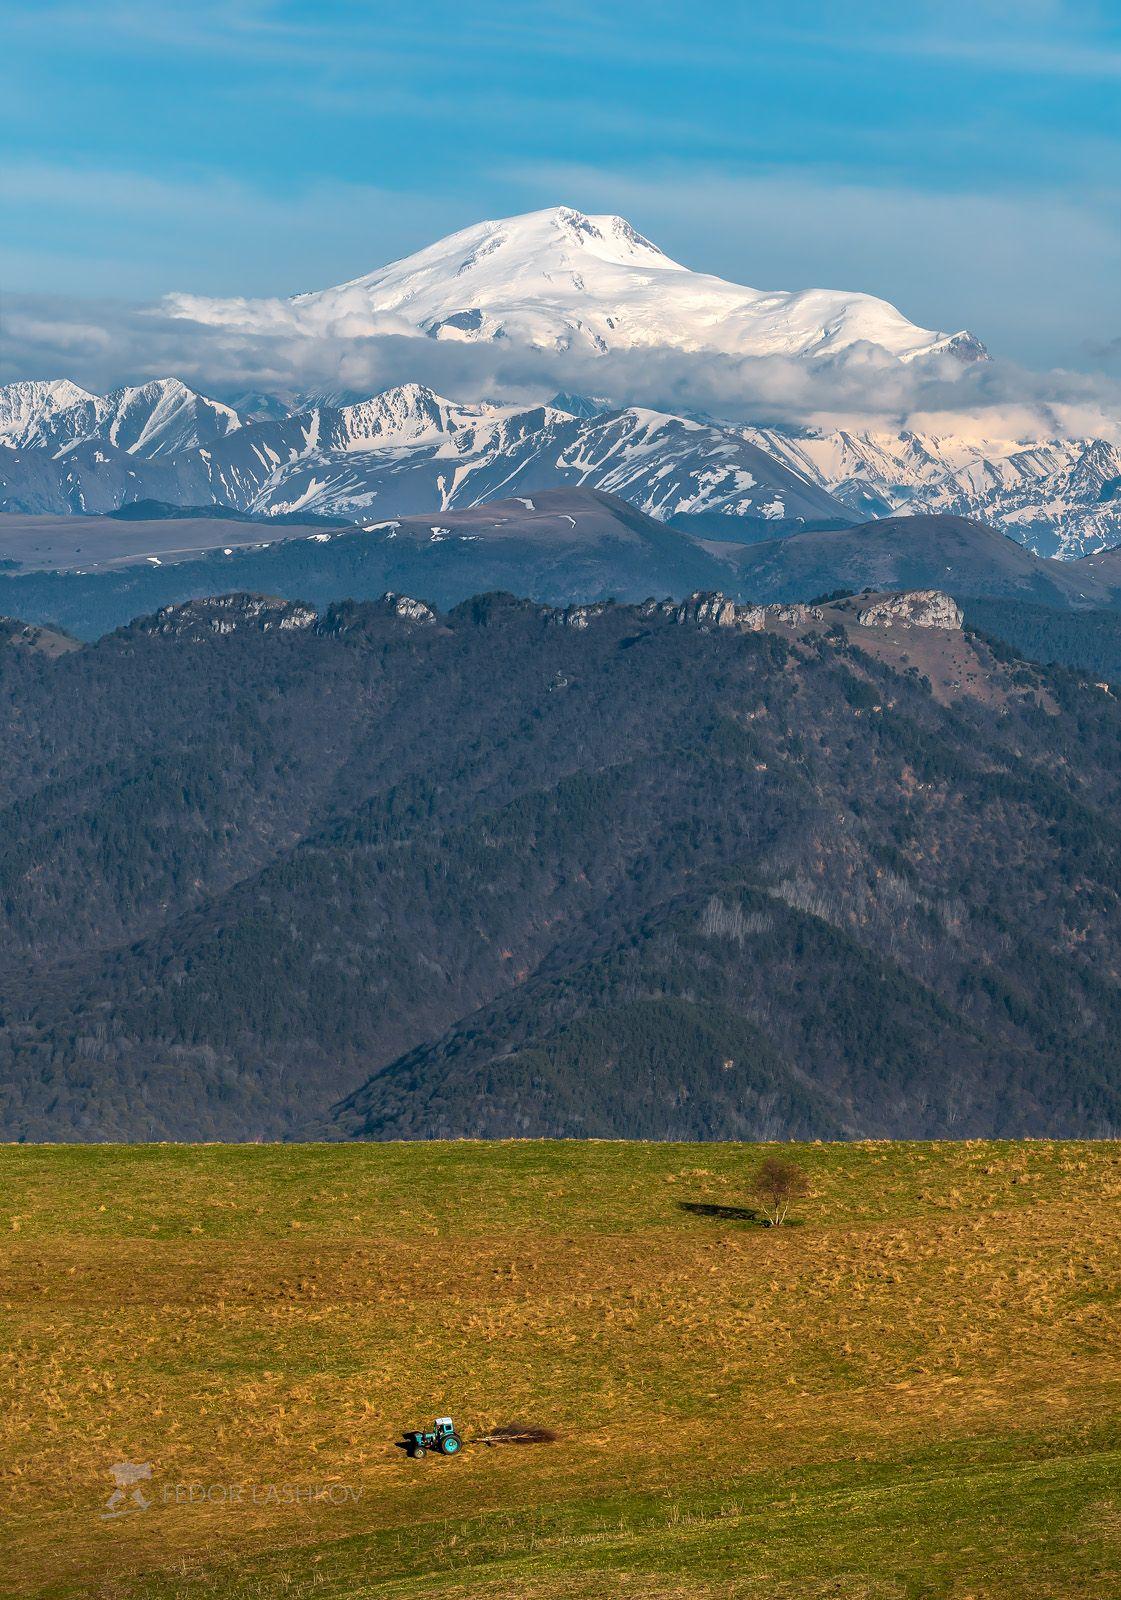 Весенние контрасты Северный Кавказ Карачаево-Черкесия луг гора вершина путешествие Эльбрус весна синий дневное трактор работа